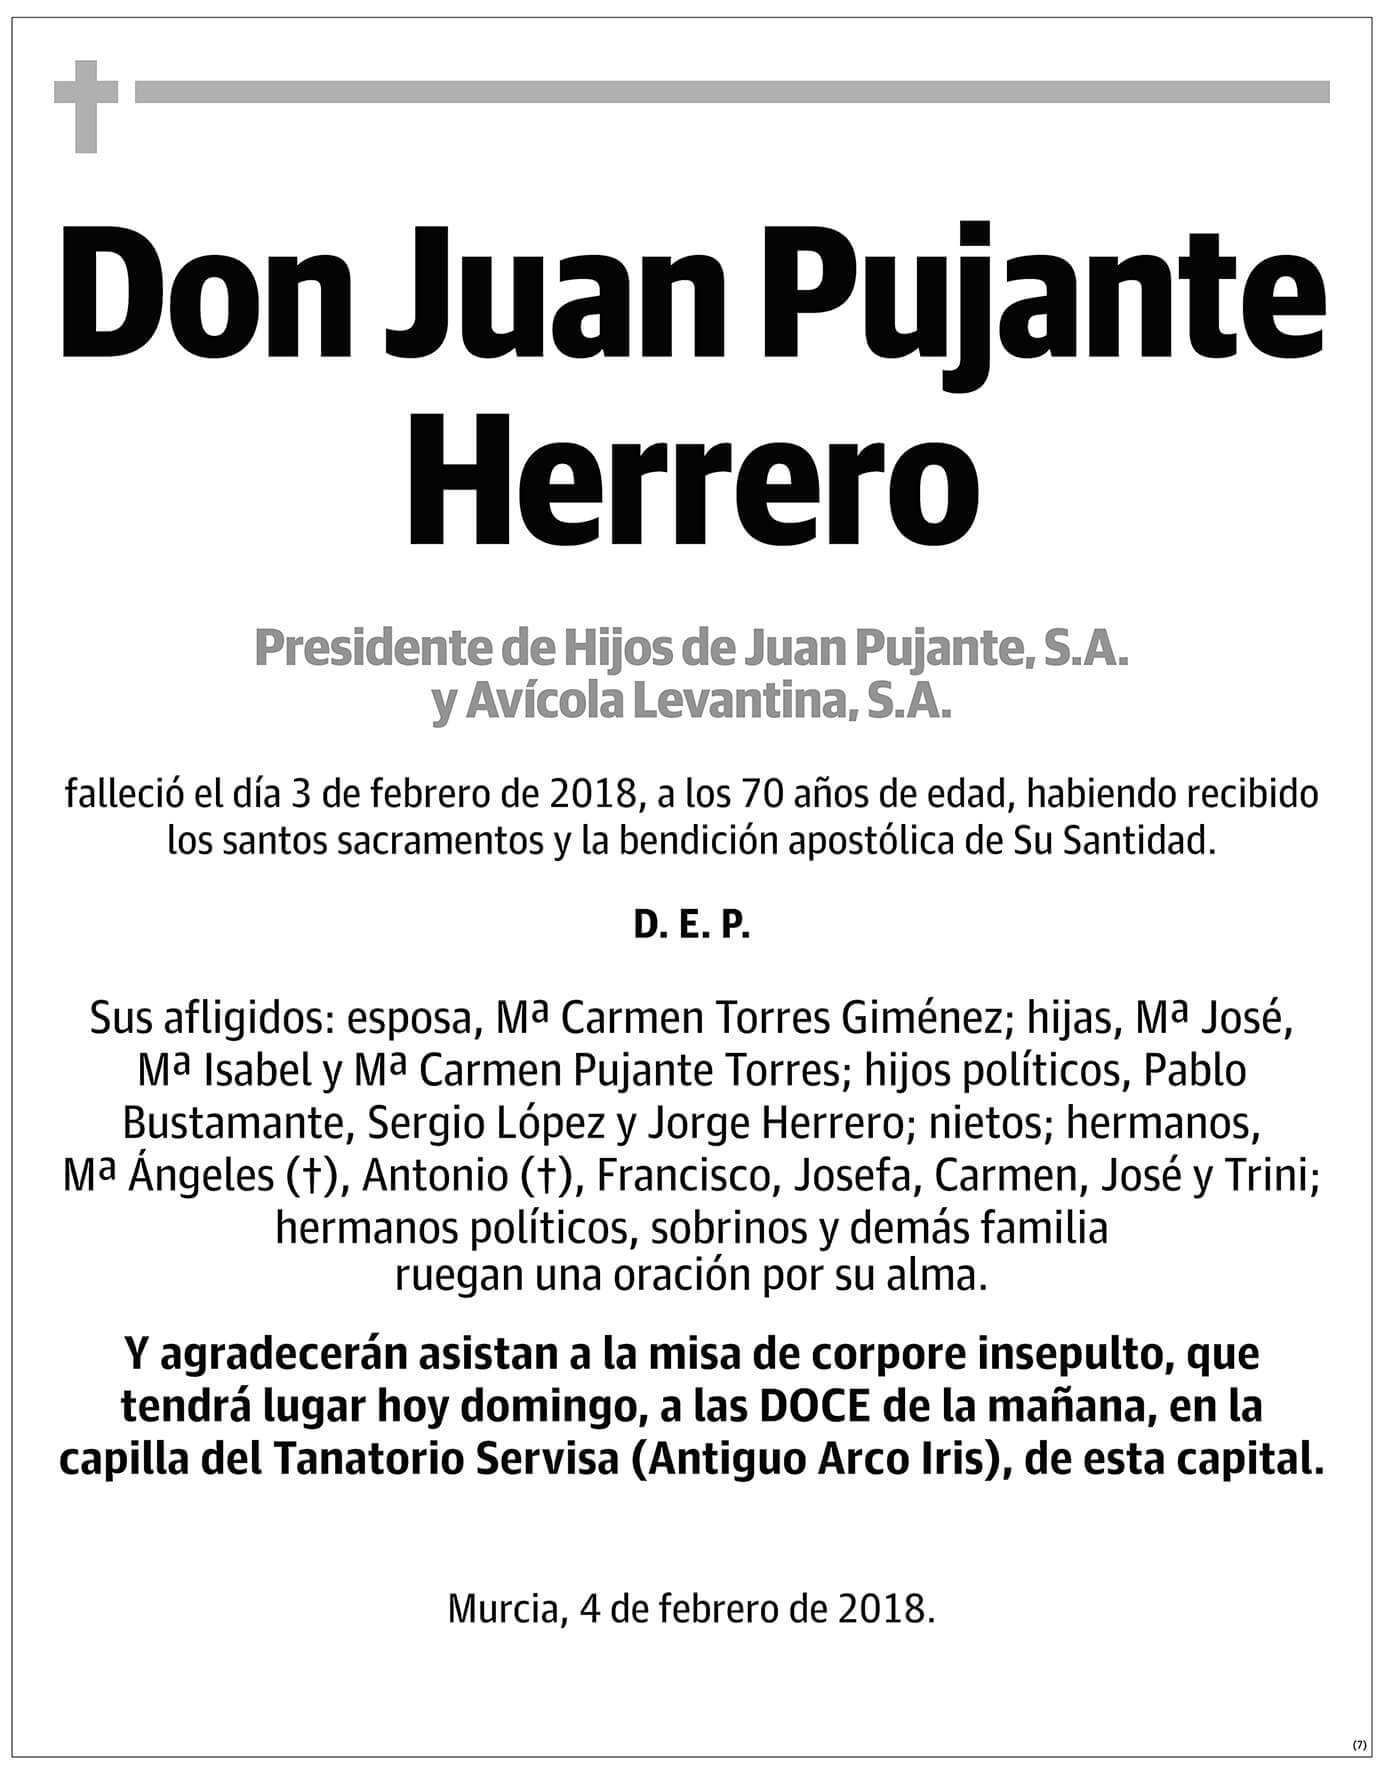 Juan Pujante Herrero